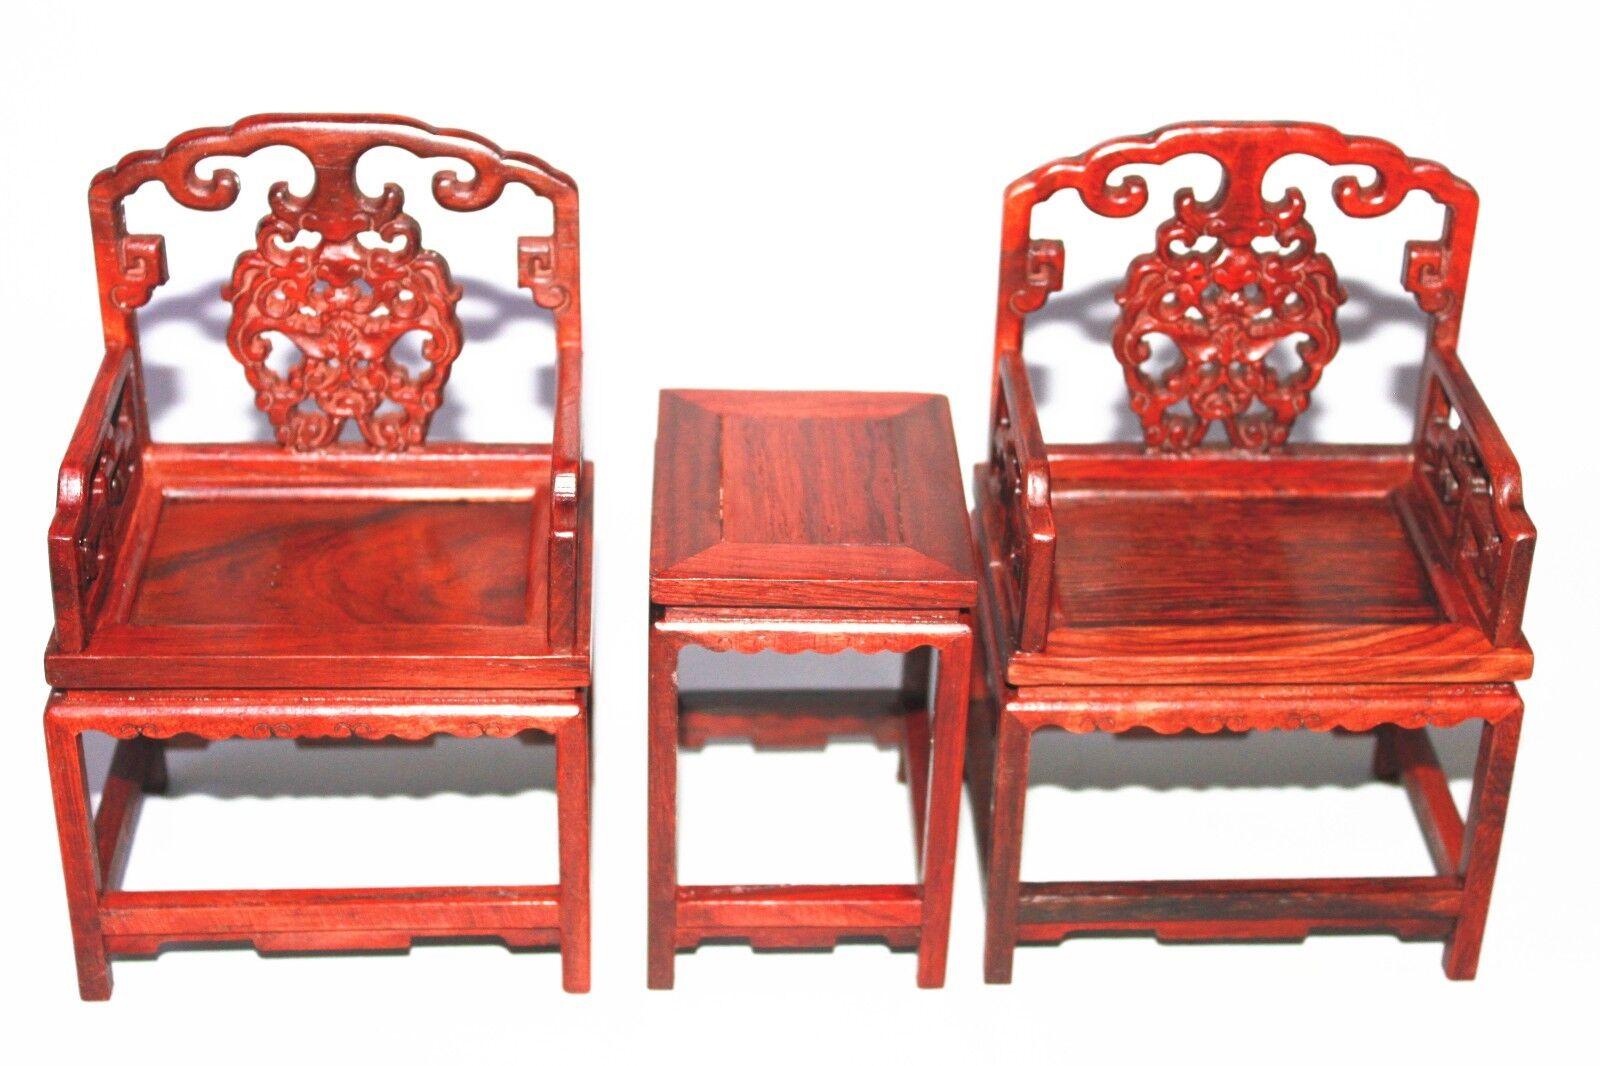 CASA delle Bambole Mobili  in miniatura in palissero massello-tavolo in legno per tè con sedie set  centro commerciale online integrato professionale